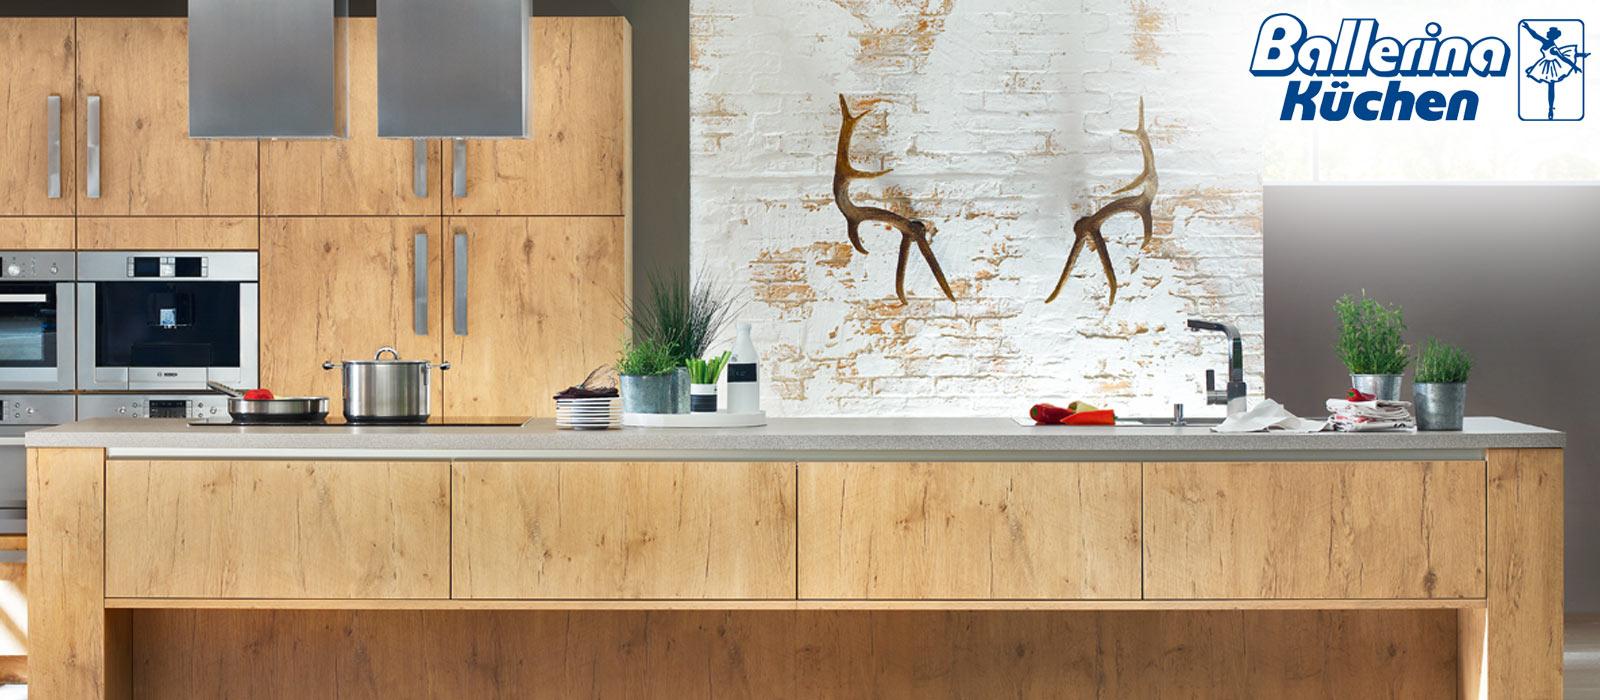 Ballerina Küchen - hochwertige Ausstattung zu attraktiven Preisen